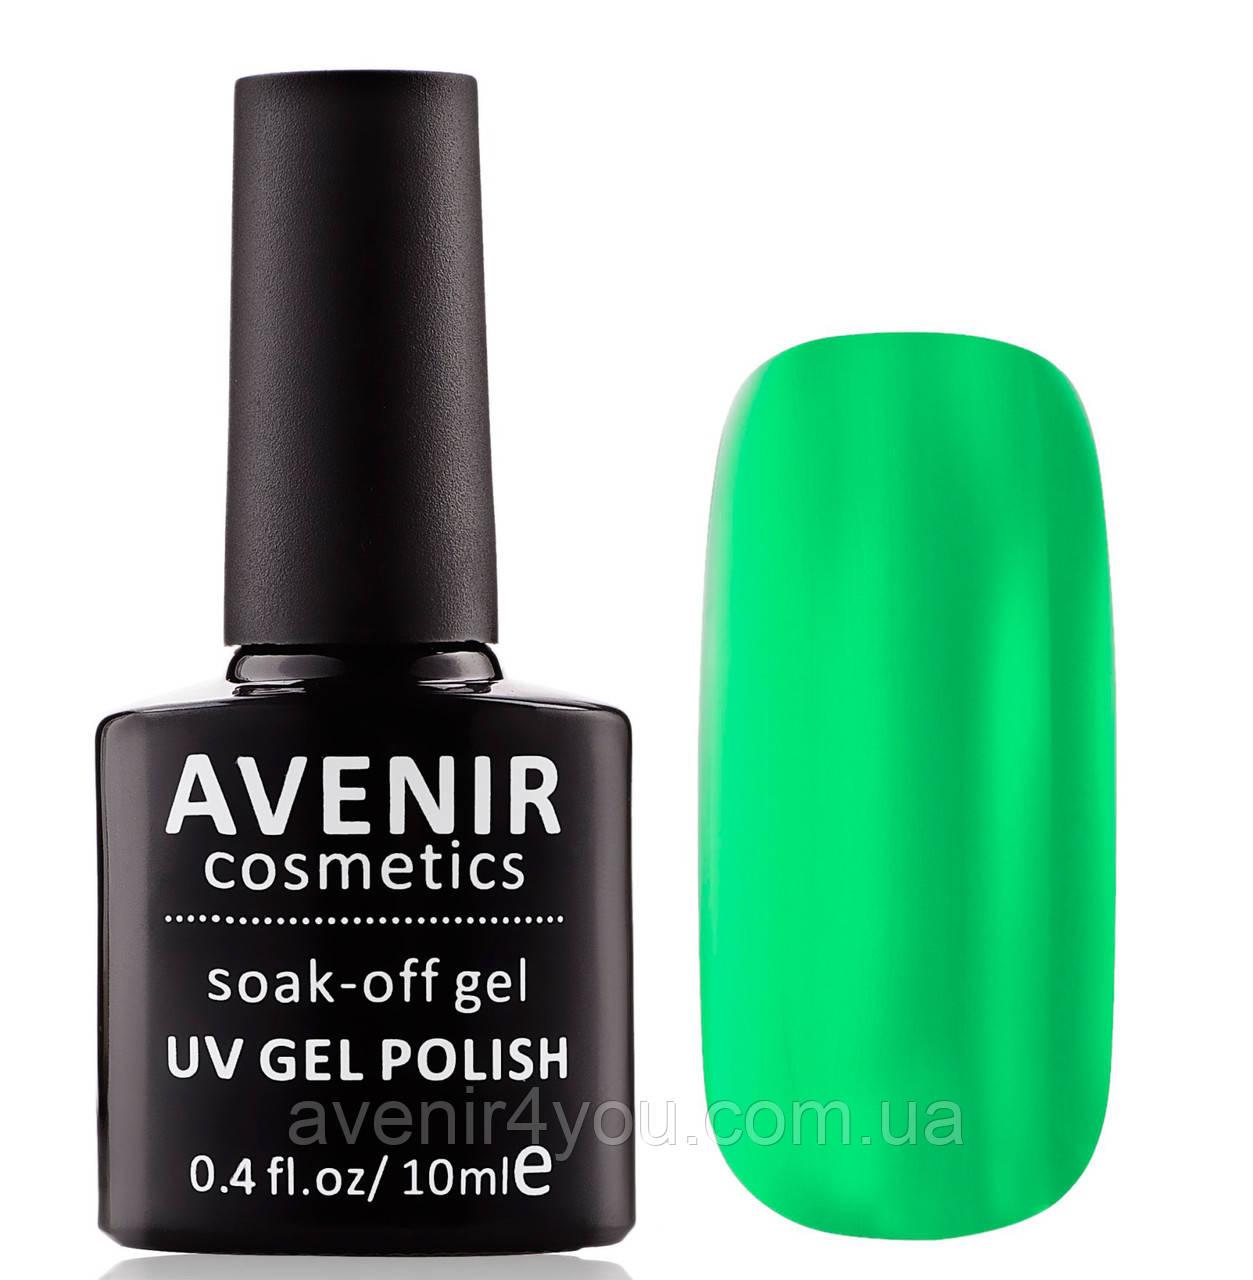 Гель-лак AVENIR Cosmeticsс №99. Зеленый неоновый